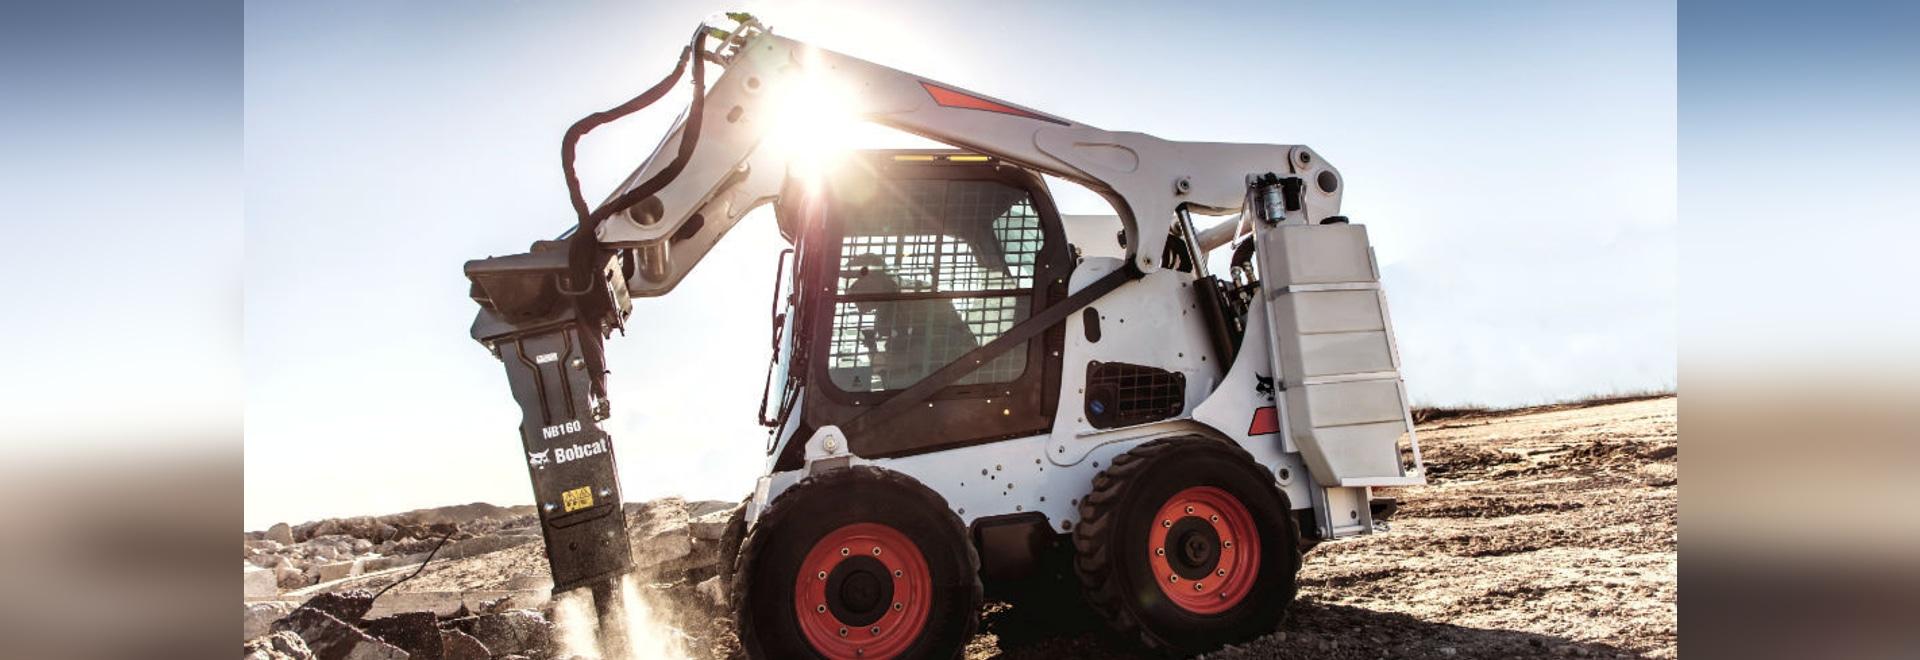 Bobcat añade un nuevo distribuidor en Watertown, S.D.